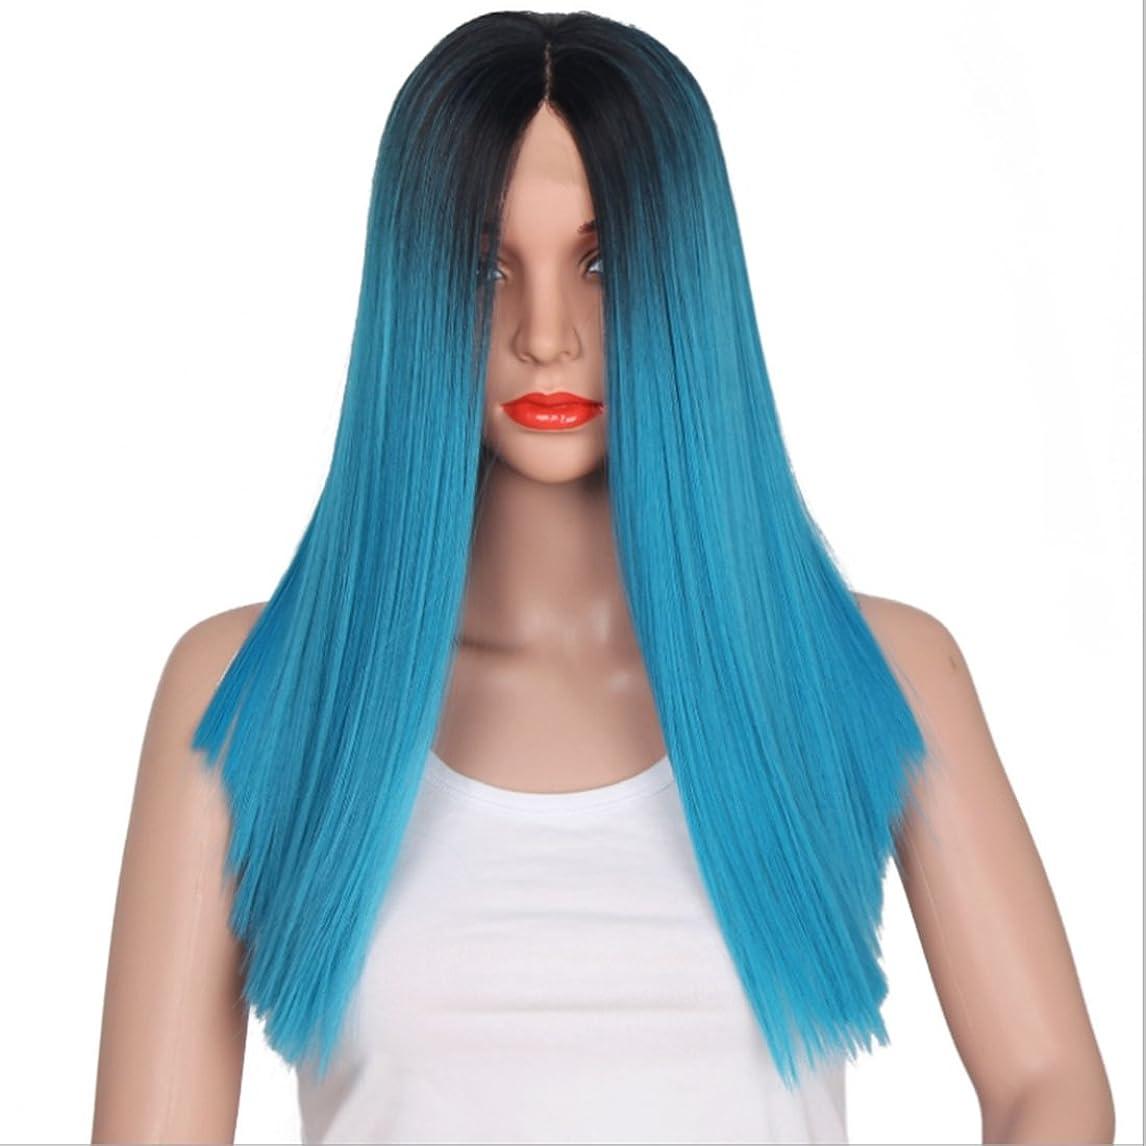 ピカソ暗記するショートカットJIANFU 女性用 レース髪用 合成 コスプレ 耐熱 長い ストレート ウィッグ 付き 16インチ フルハンド ウィービング (Color : Black gradient blue)